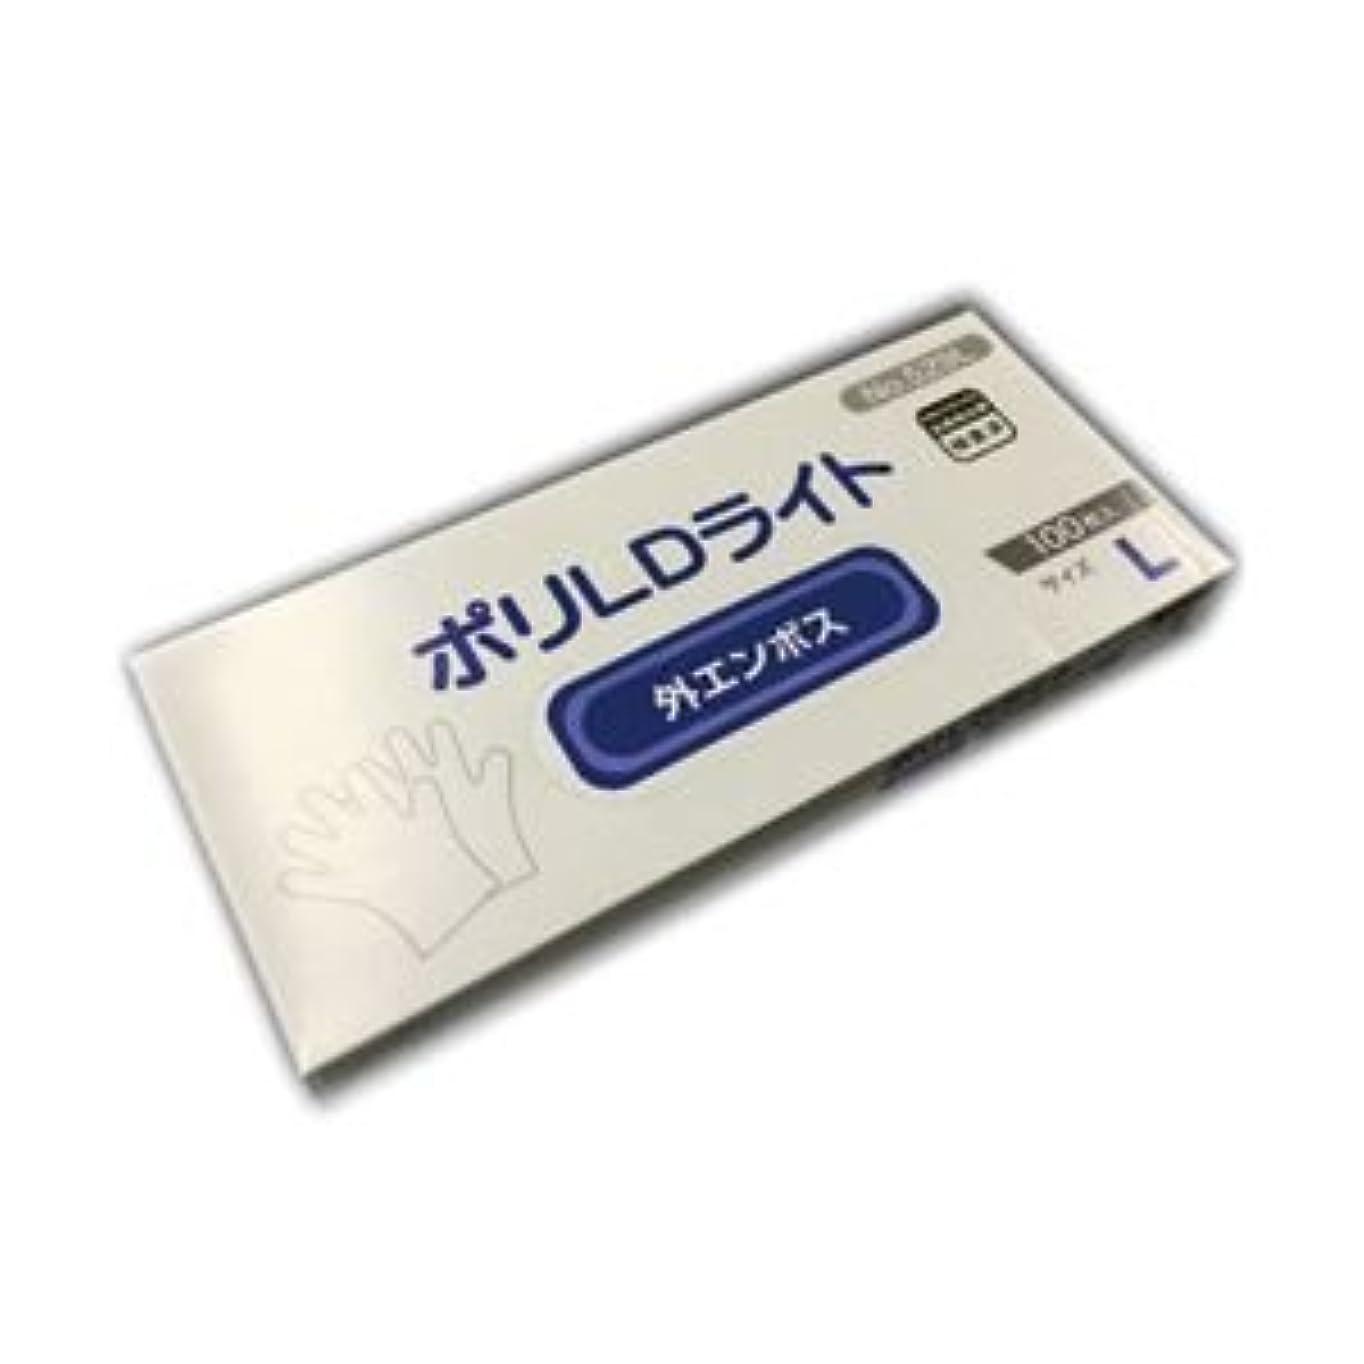 不十分な野菜神話(業務用セット) オカモト 低密度ポリエチレン手袋 ポリLDライト L 1箱(100枚) 【×20セット】